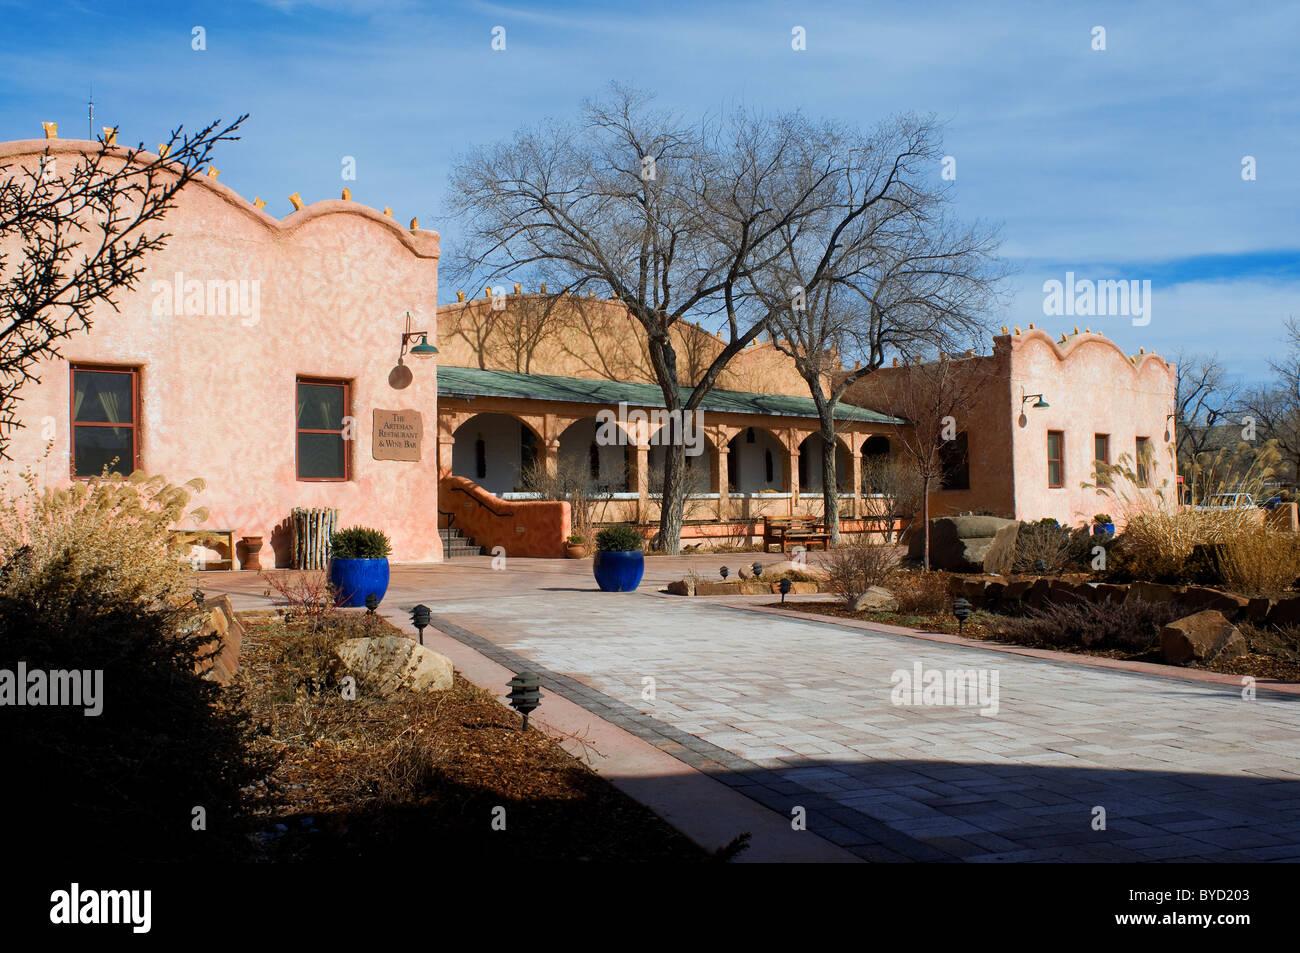 Ojo Caliente Mineral Springs Resort & Spa. Ojo, Caliente